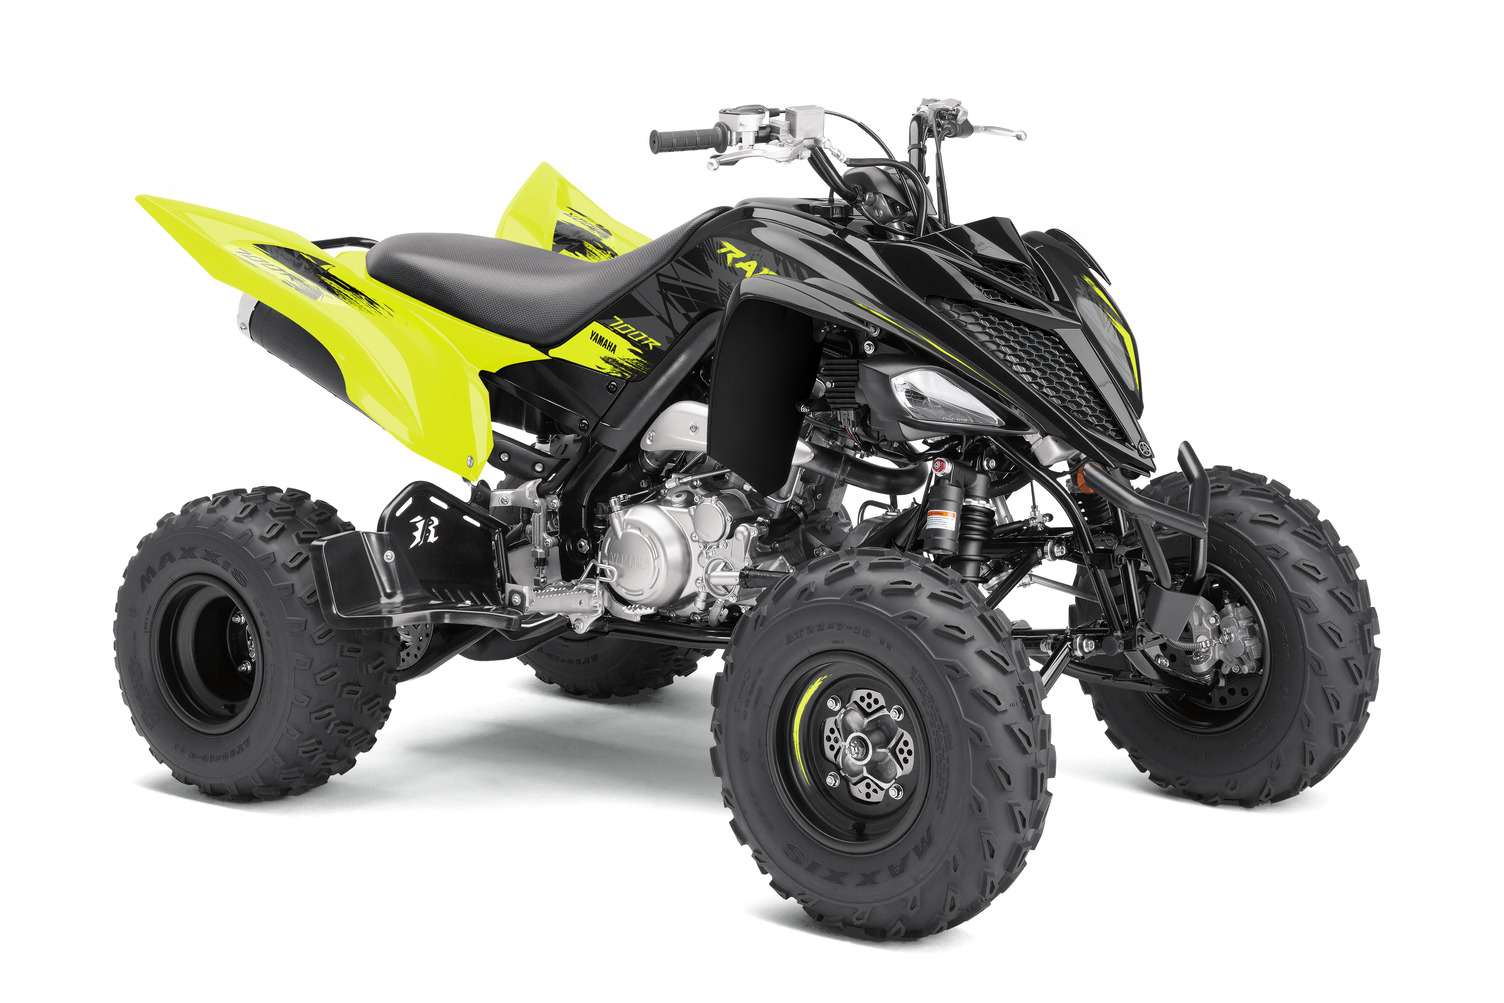 2021 Yamaha Sport ATVs